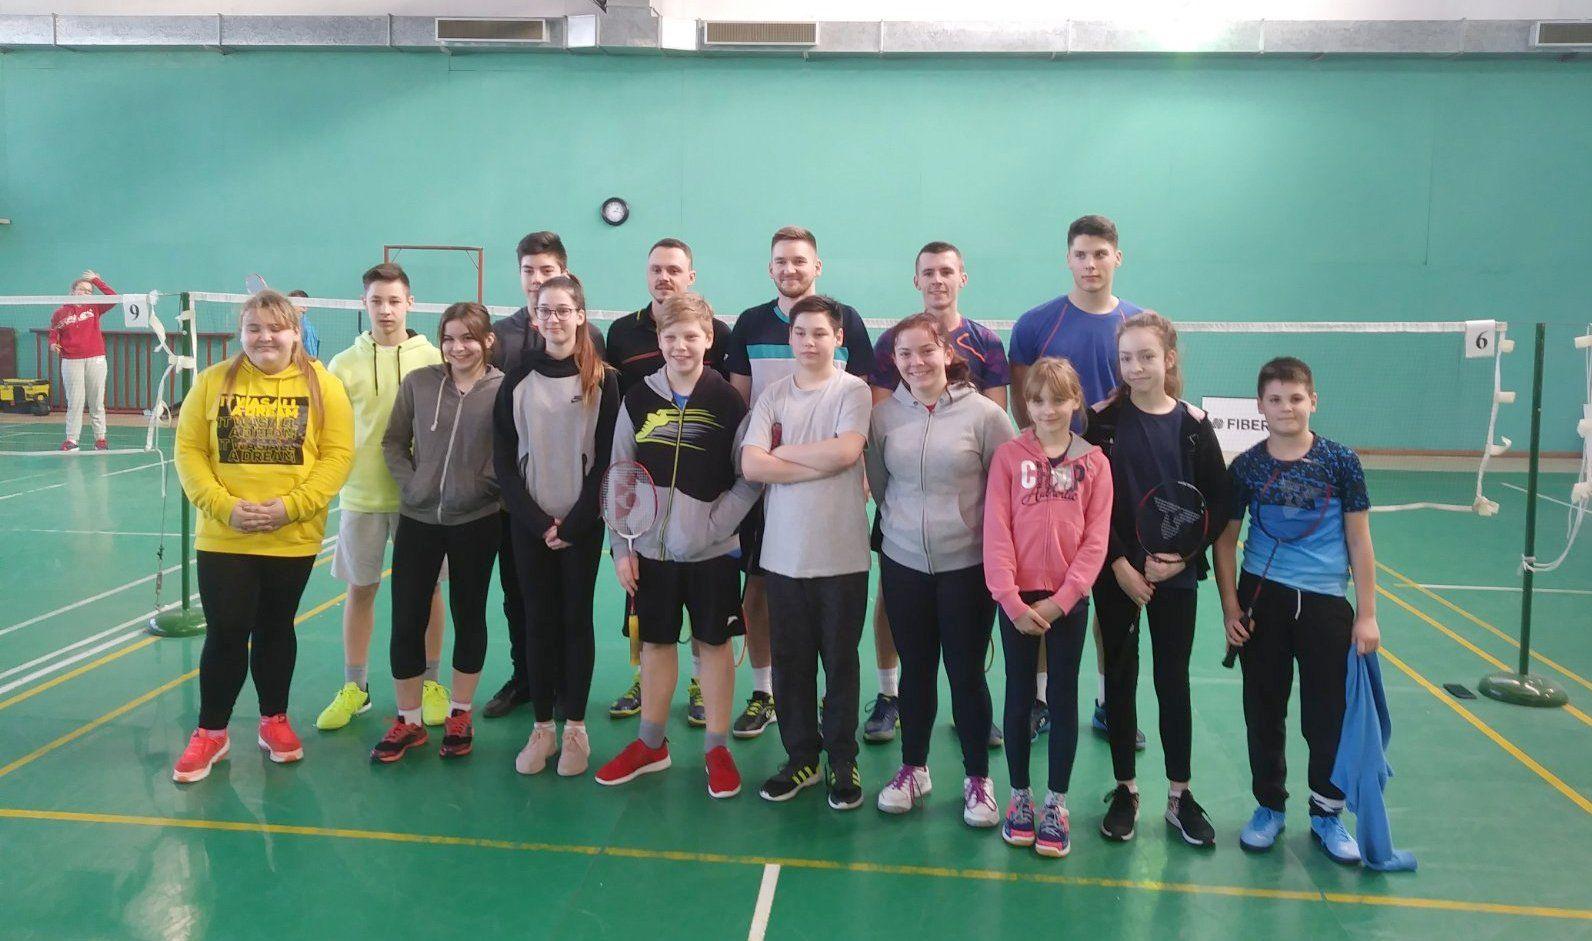 IZVRSNI REZULTATI za Badminton klub Bjelovar u drugom kolu Zagrebačke badmintonske lige